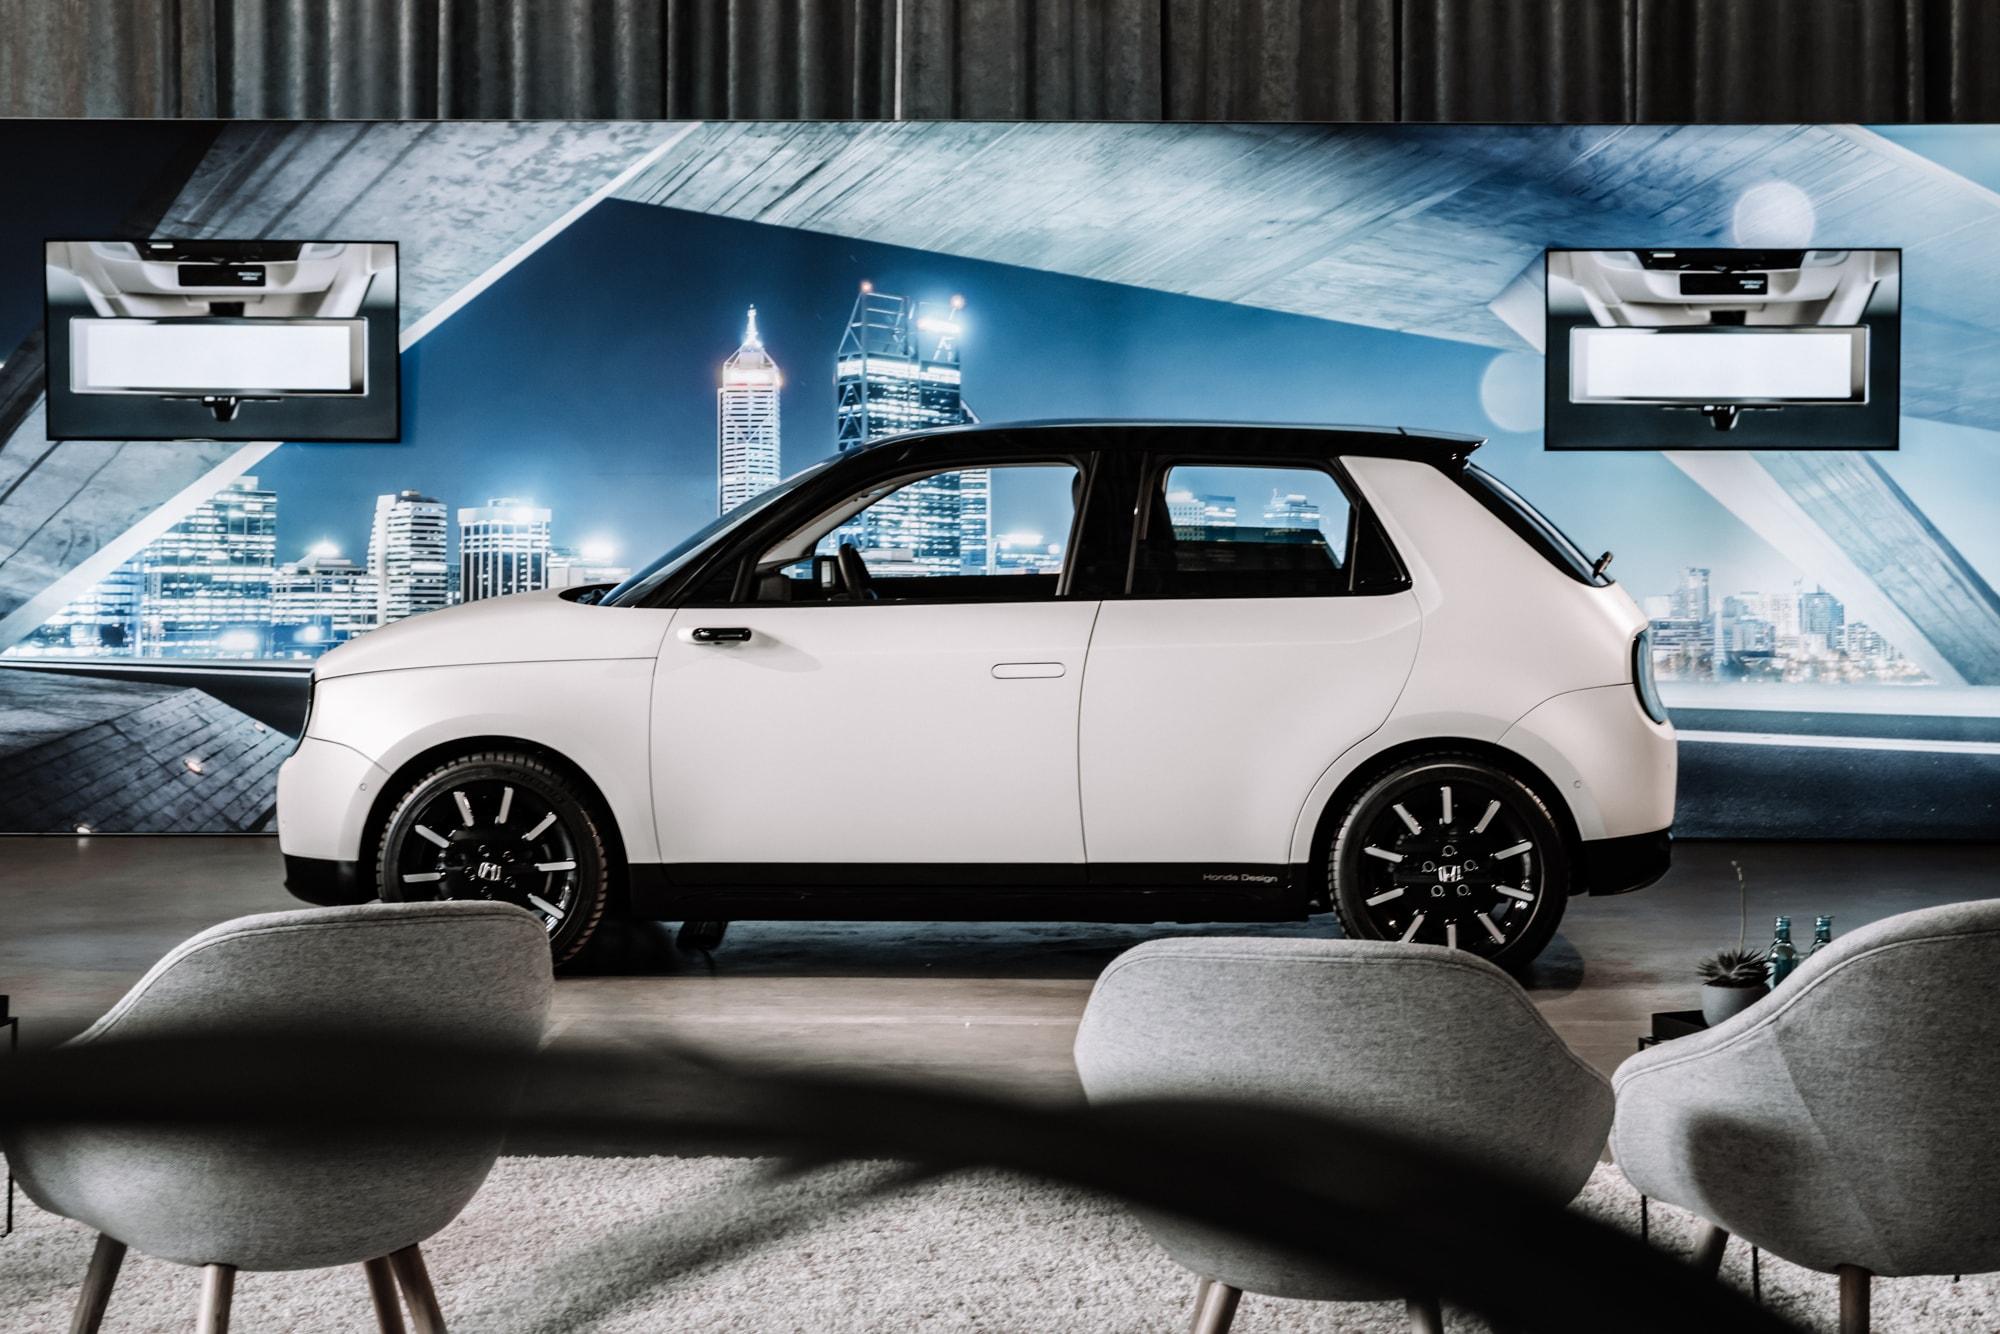 Elektro trifft auf Retro: Der neue Honda E